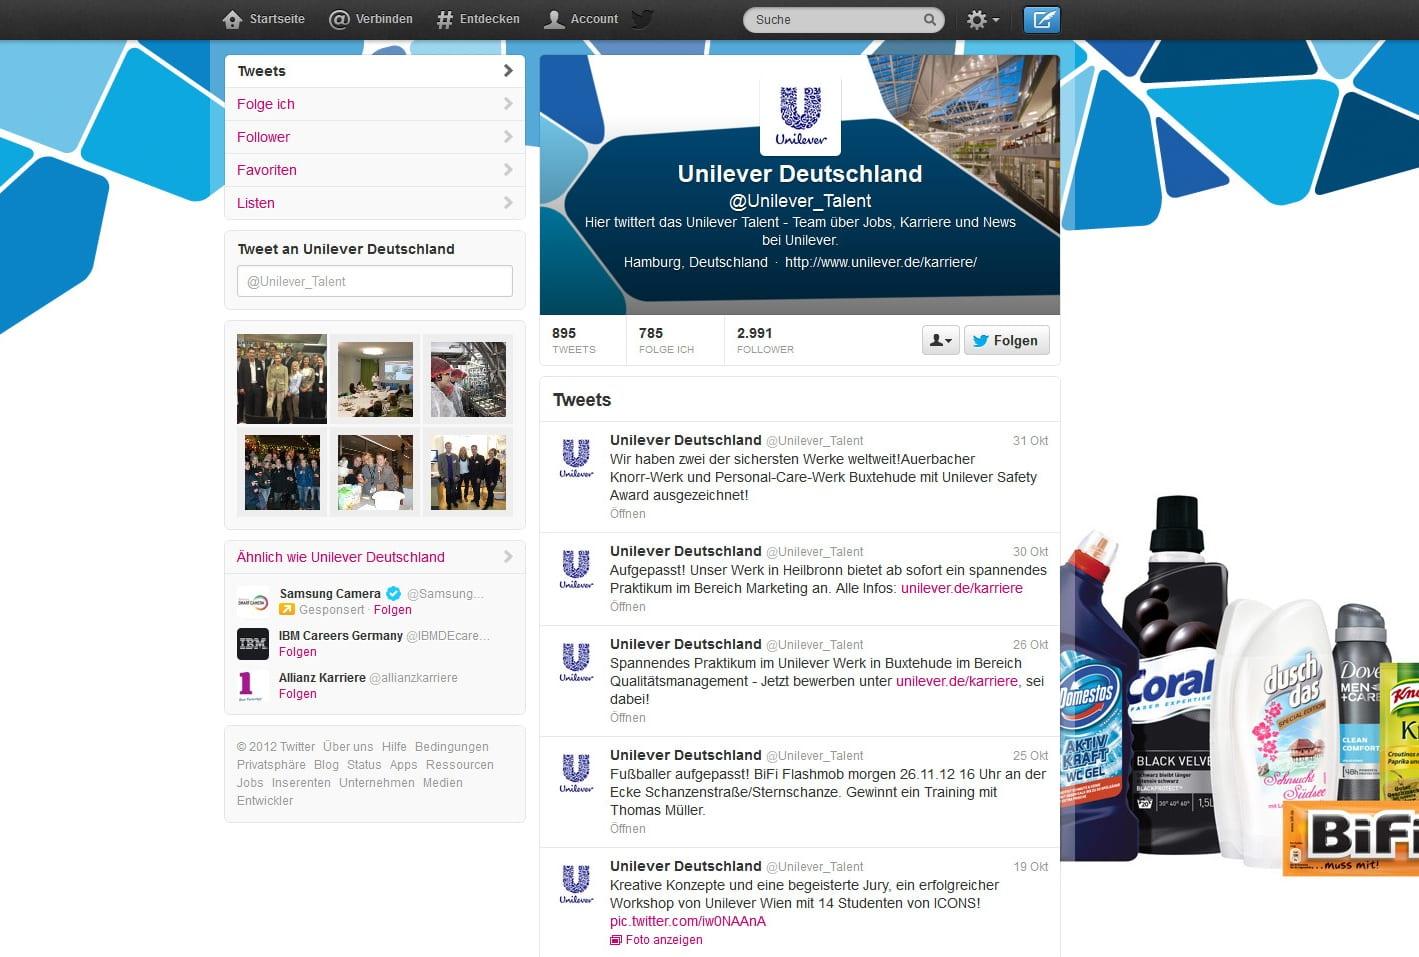 Unilever auf Twitter: ohne Teamvorstellung und ohne Dialog, überwiegend selbstreferenzierende Tweets - Potenziale nicht genutzt